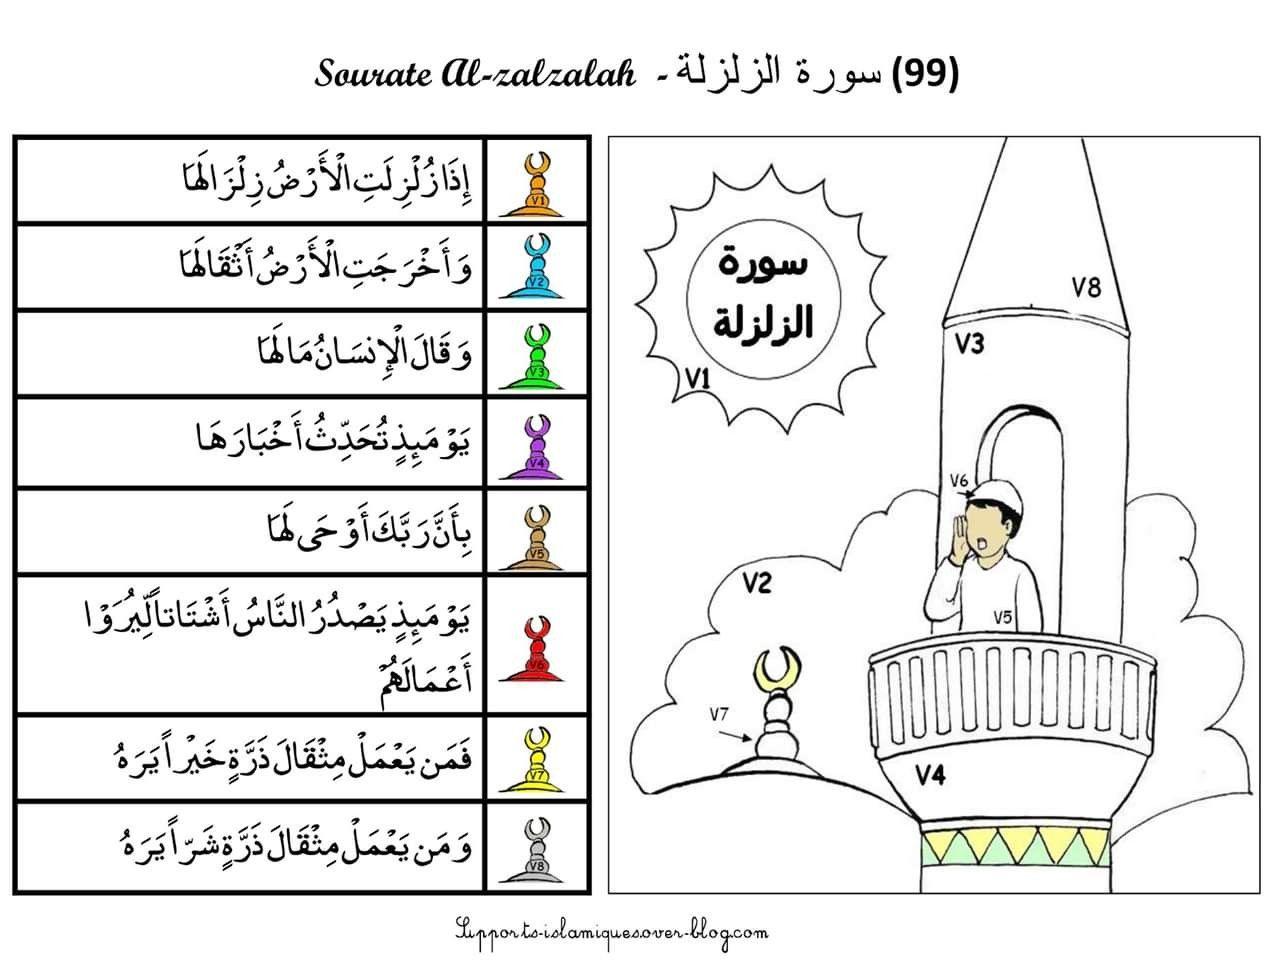 Pin By Tresna Purwa On قرآن للأطفال Islamic Kids Activities Muslim Kids Activities Muslim Kids